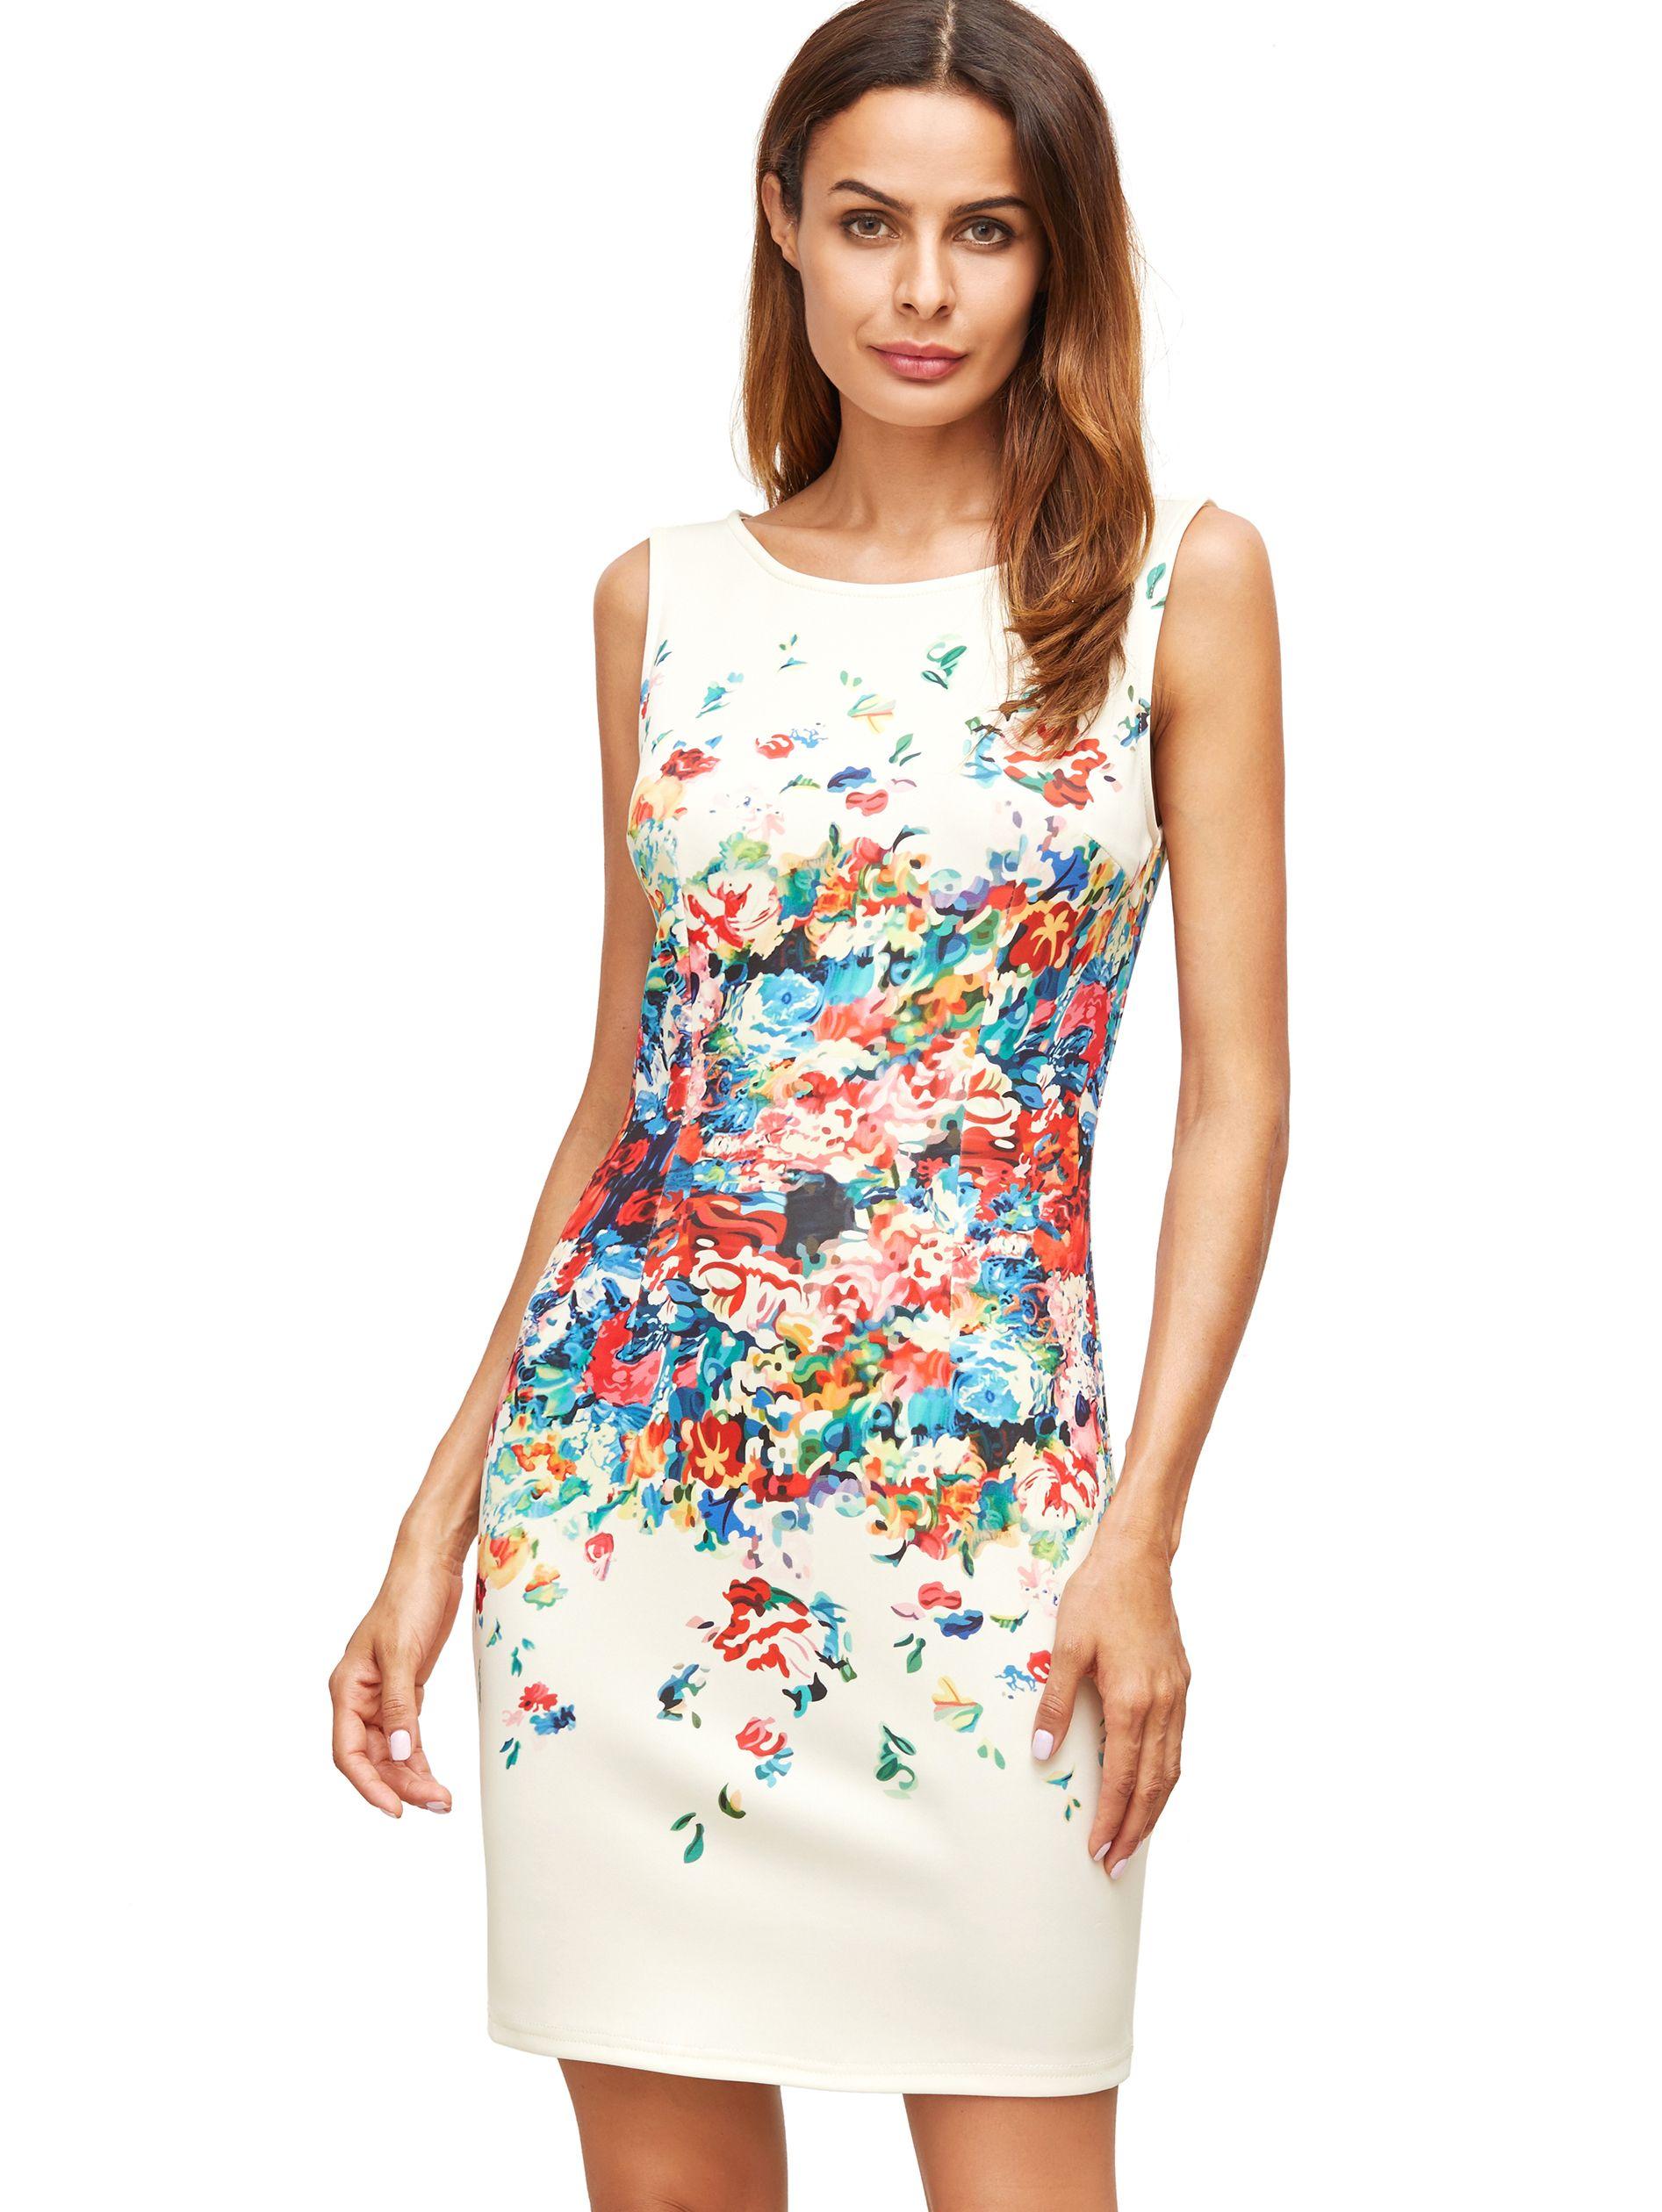 Shop Apricot Floral Print Sleeveless Sheath Dress Online Shein Offers Apricot Floral Print Sl Floral Dress Summer Mini Dresses Summer Summer Dresses For Women [ 2520 x 1893 Pixel ]